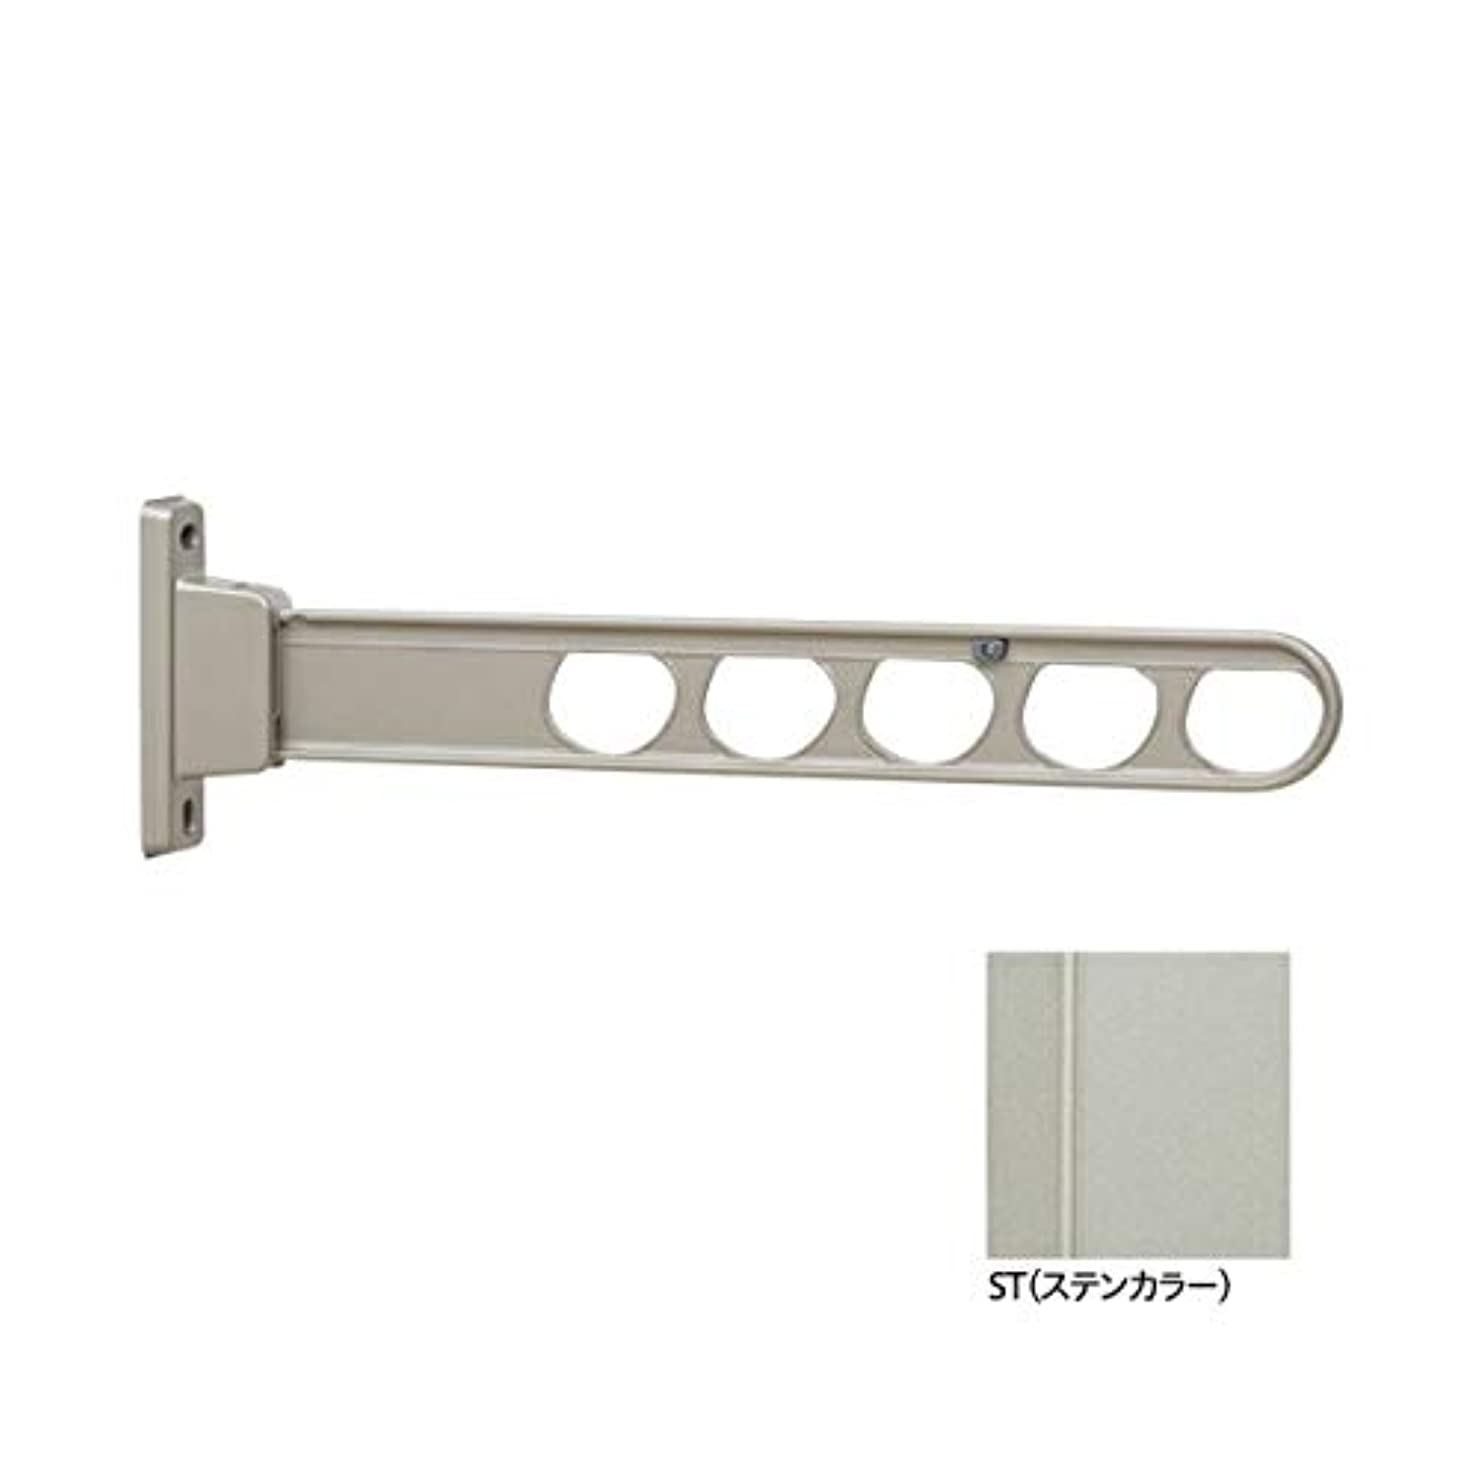 ボット咳気性川口技研:腰壁用ホスクリーン HDS-55型(2本入) ST(ステンカラー) HDS-55-ST